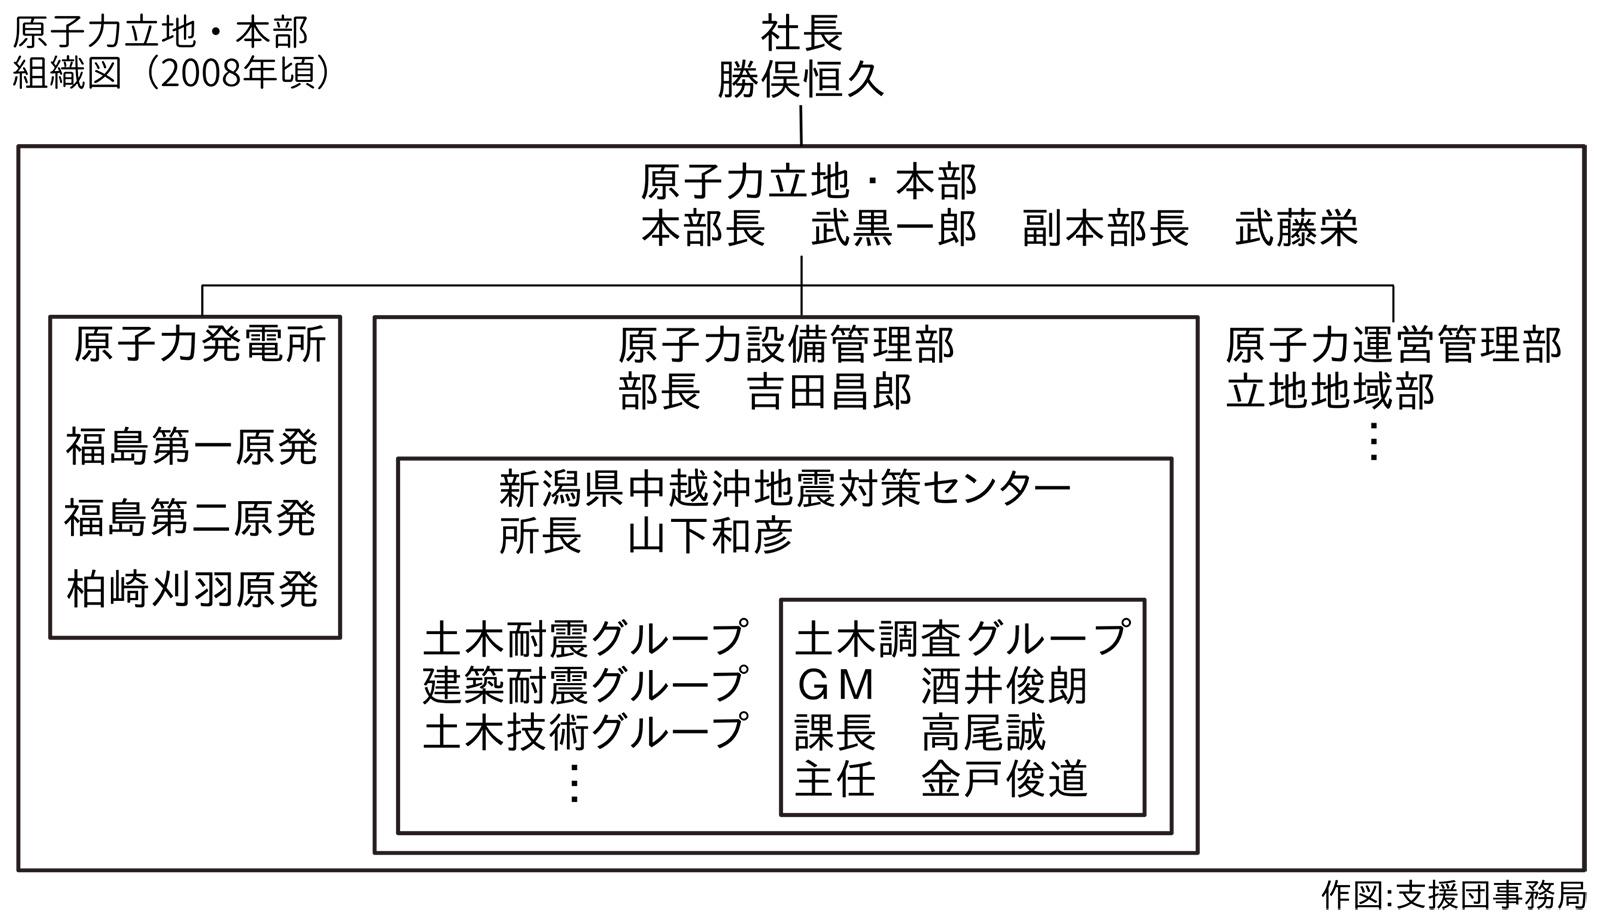 原子力立地・本部組織図(2008年頃)